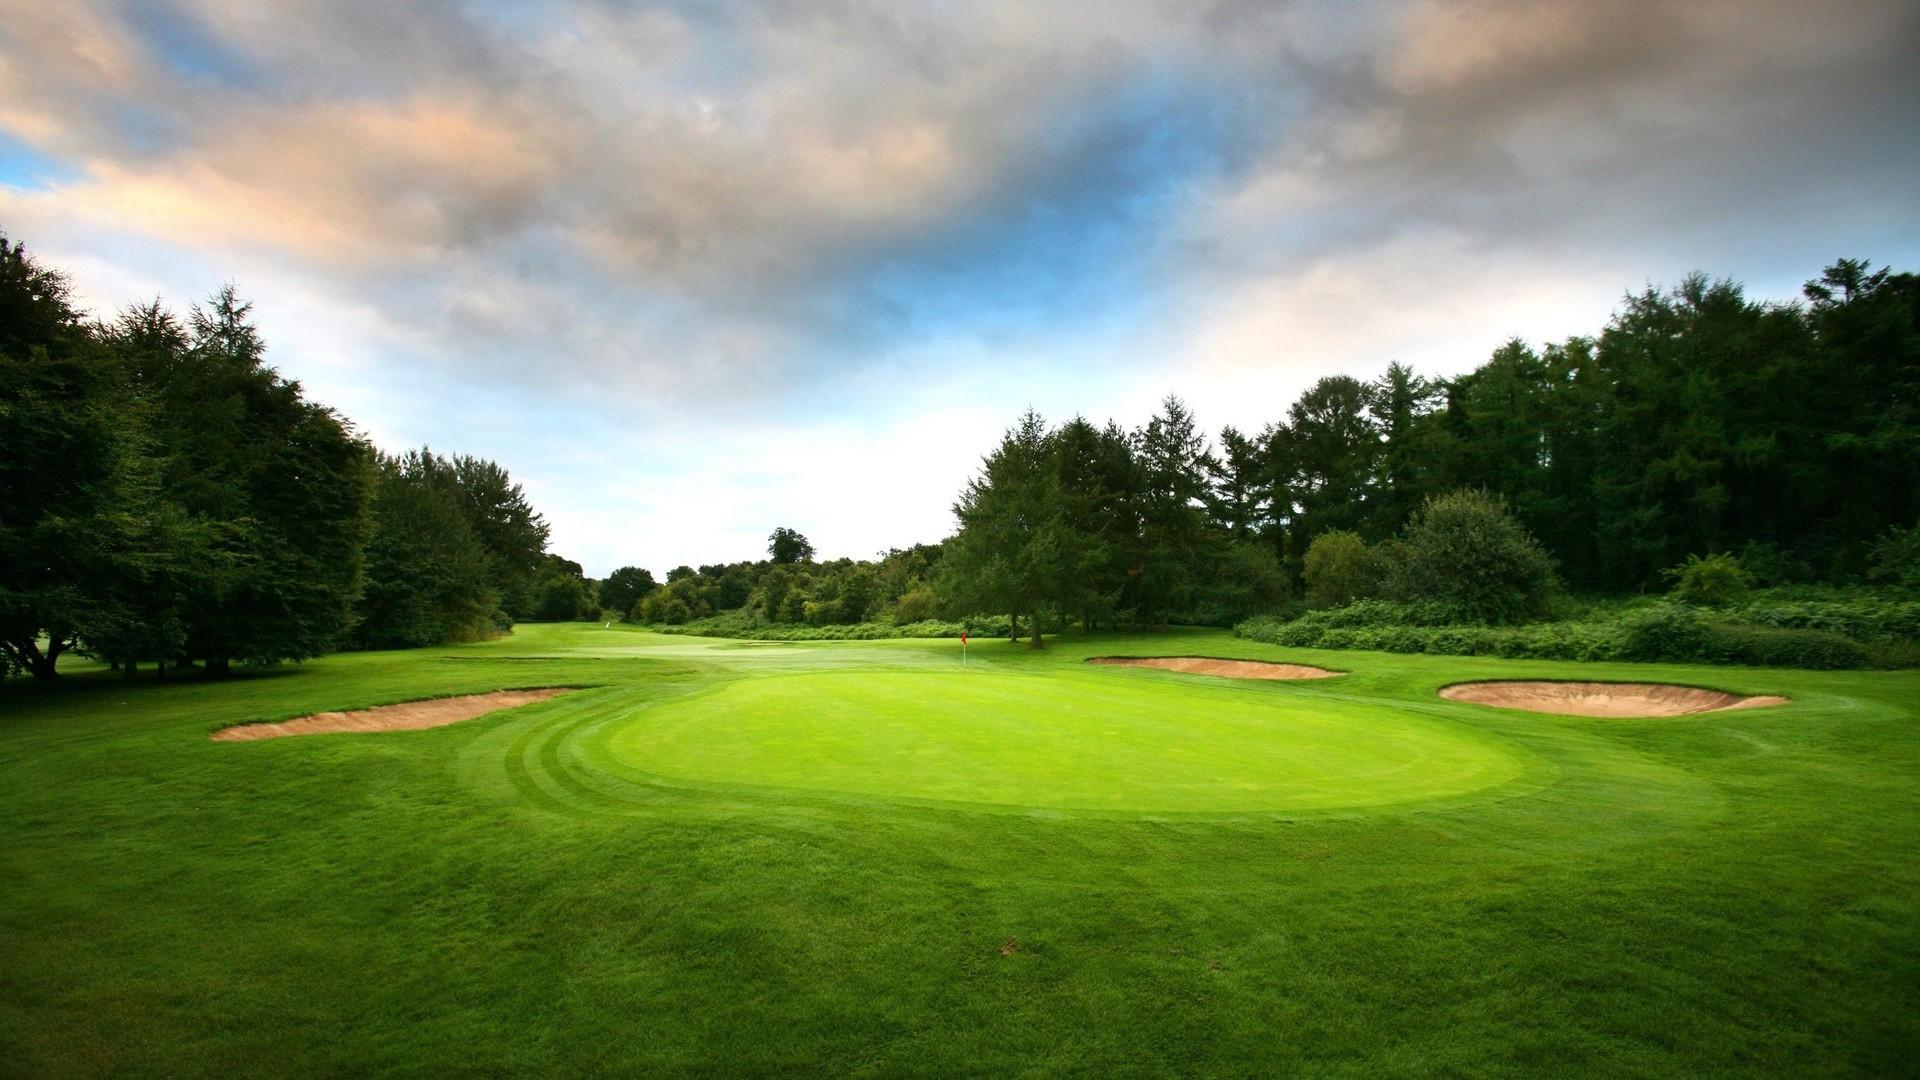 golf desktop backgrounds 63 images